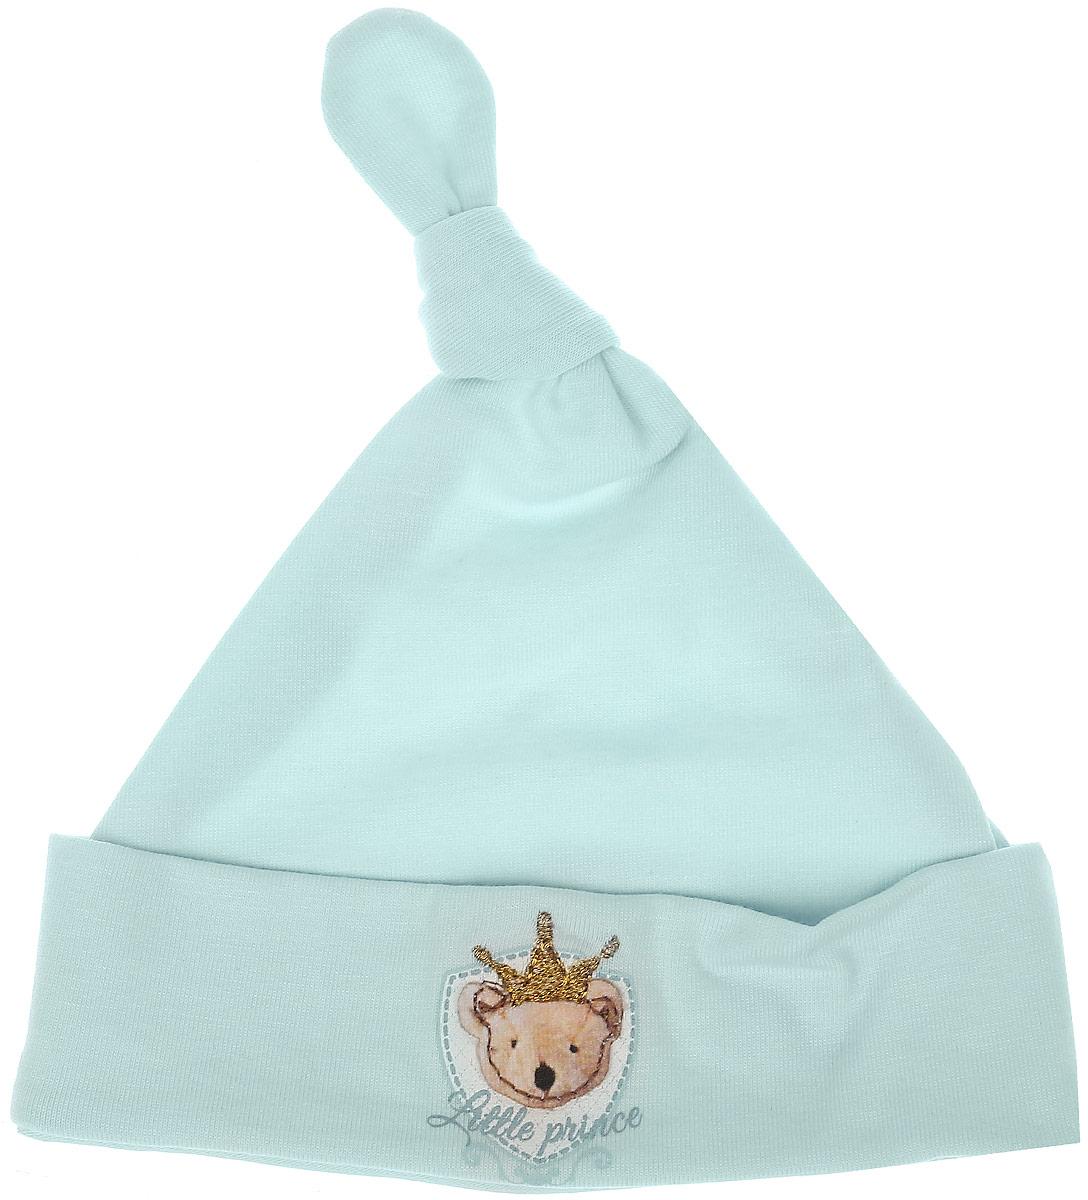 Шапочка для мальчика СовенокЯ Маленький принц, цвет: голубой. 34-598. Размер 5634-598Детская шапочка СовенокЯ изготовлена из натурального хлопка. Тонкая шапочка дополнена отворотом и длинным колпачком, завязанным в узел. Спереди имеется нашивка в виде мордочки мишки в короне. Уважаемые клиенты! Размер, доступный для заказа, является обхватом головы.